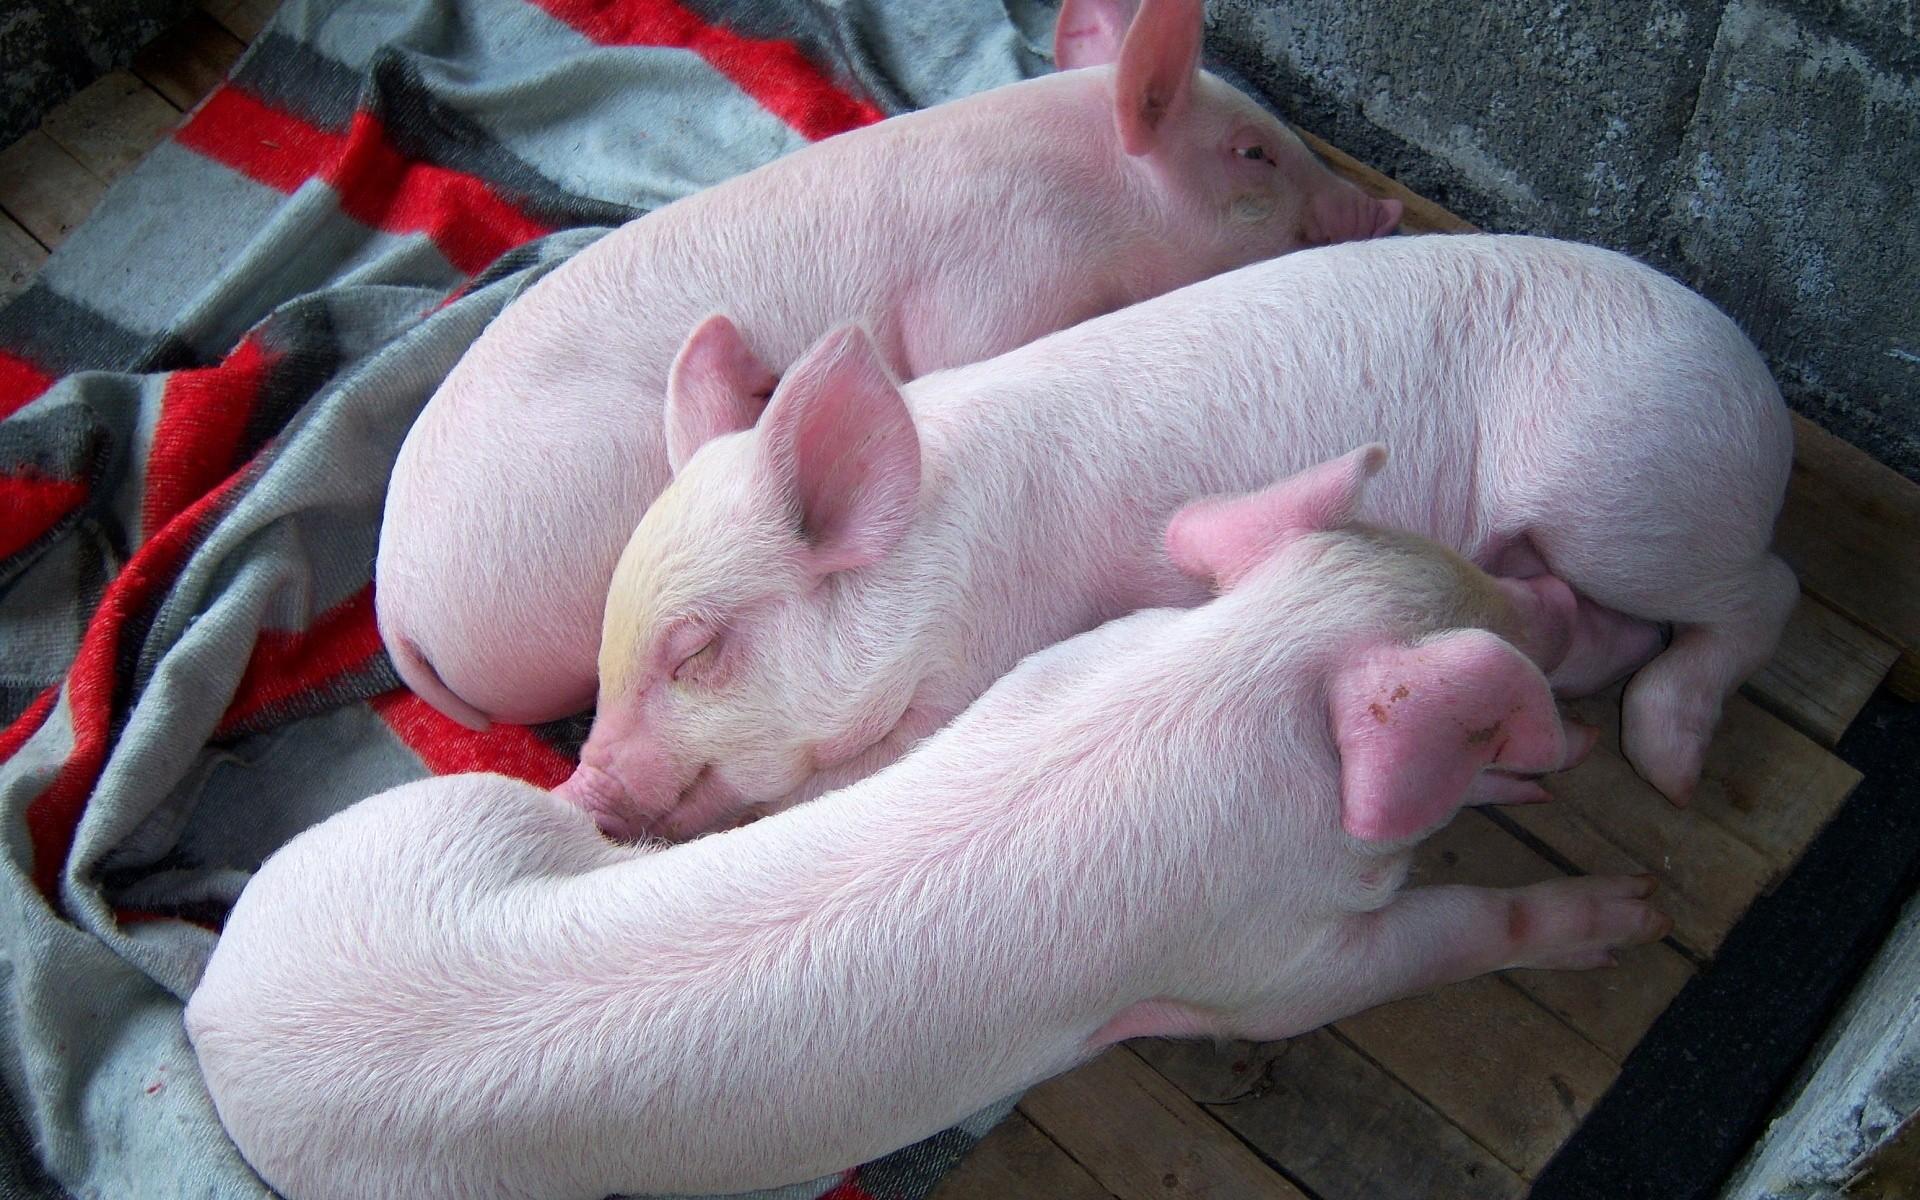 寒冷冬季咋养猪 保暖防病饮温水